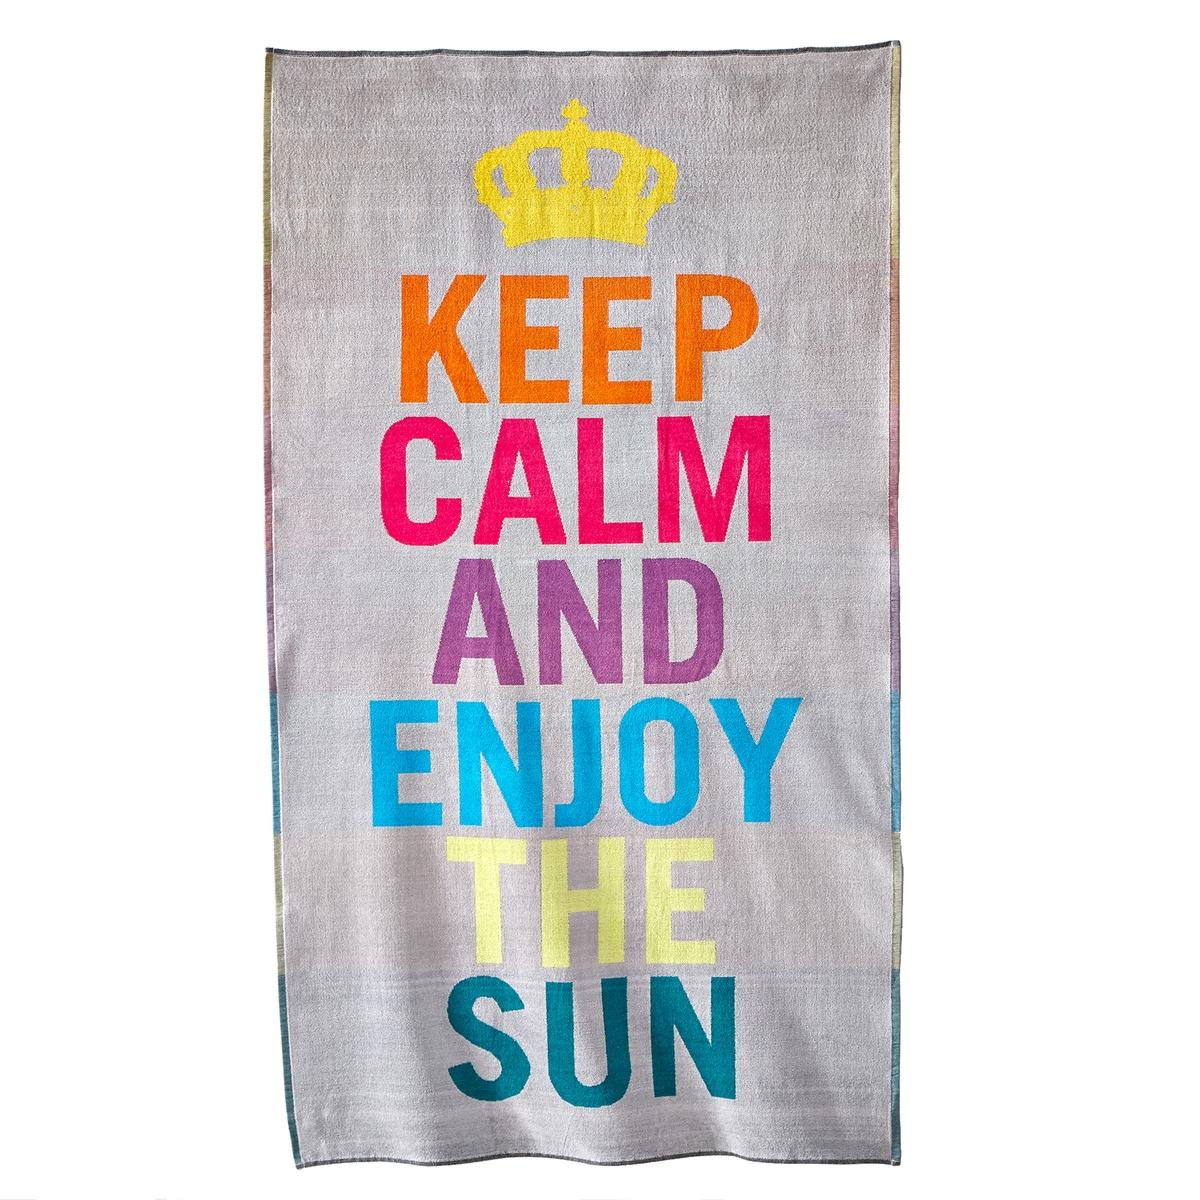 Пляжное полотенце, 420 г/м?, ObidosПляжное полотенце из махровой ткани с узором, 100% хлопка, 420 г/м?. Мягкое, пышное и отлично впитывающее полотенце. Стирка при 60°.Размеры пляжного полотенца : 100 x 180 см.<br><br>Цвет: серый